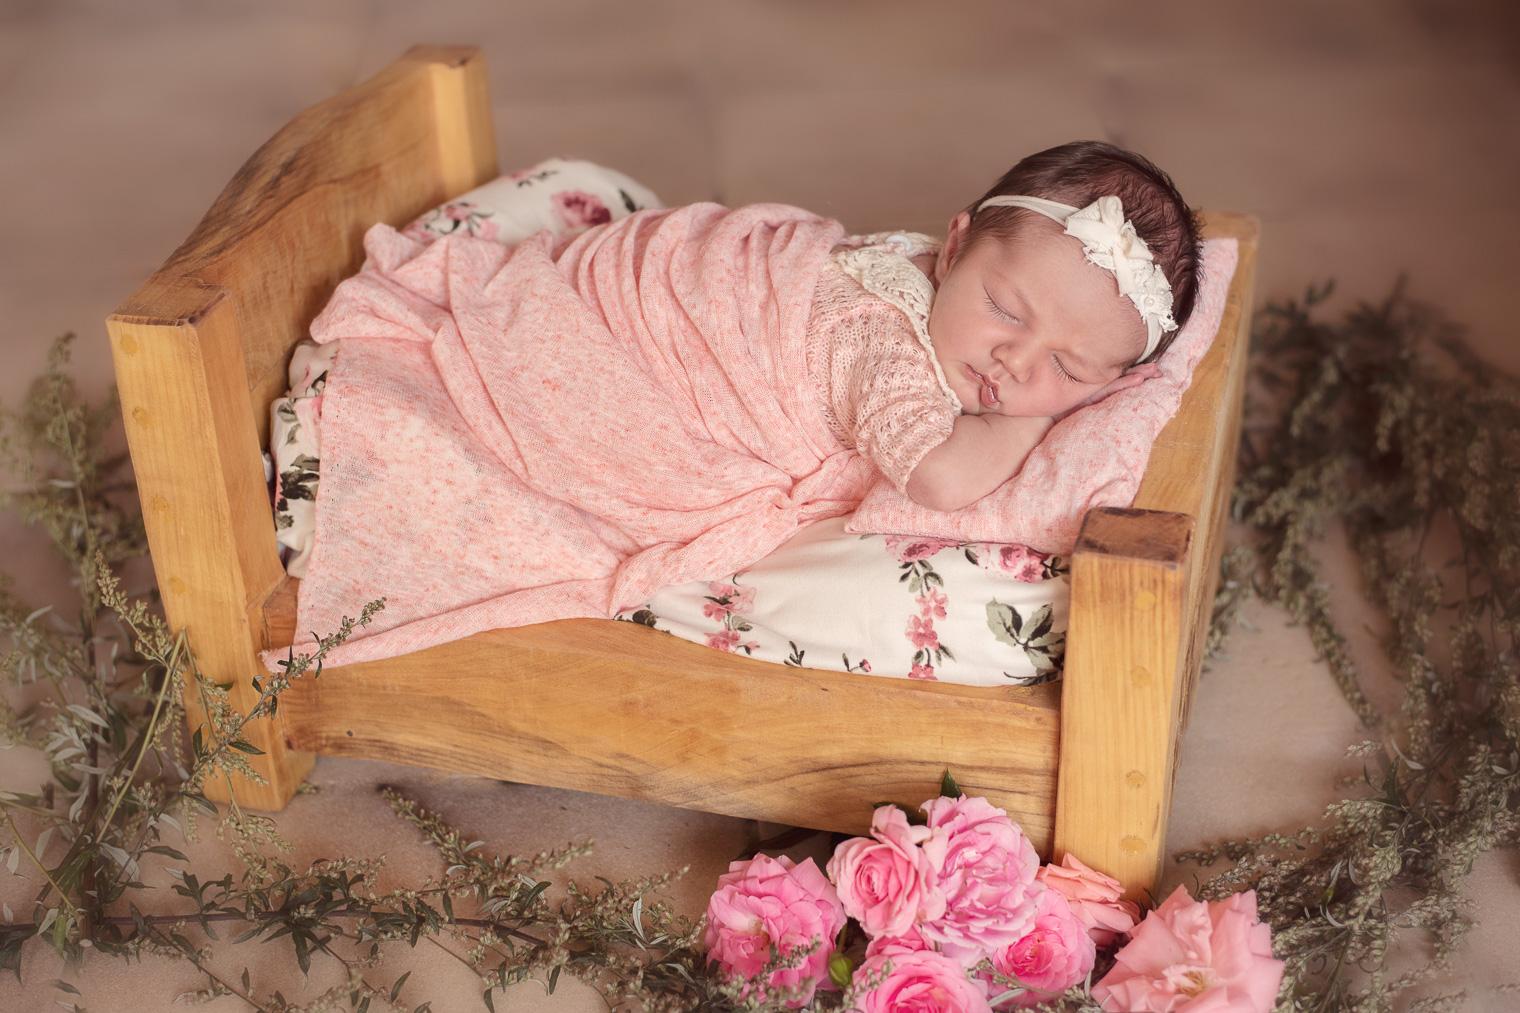 belinda lopez photo nouveau-ne photographie famille grossesse bebe enfant maternite photographe bourg-saint-maurice savoie belindalopez.fr-31